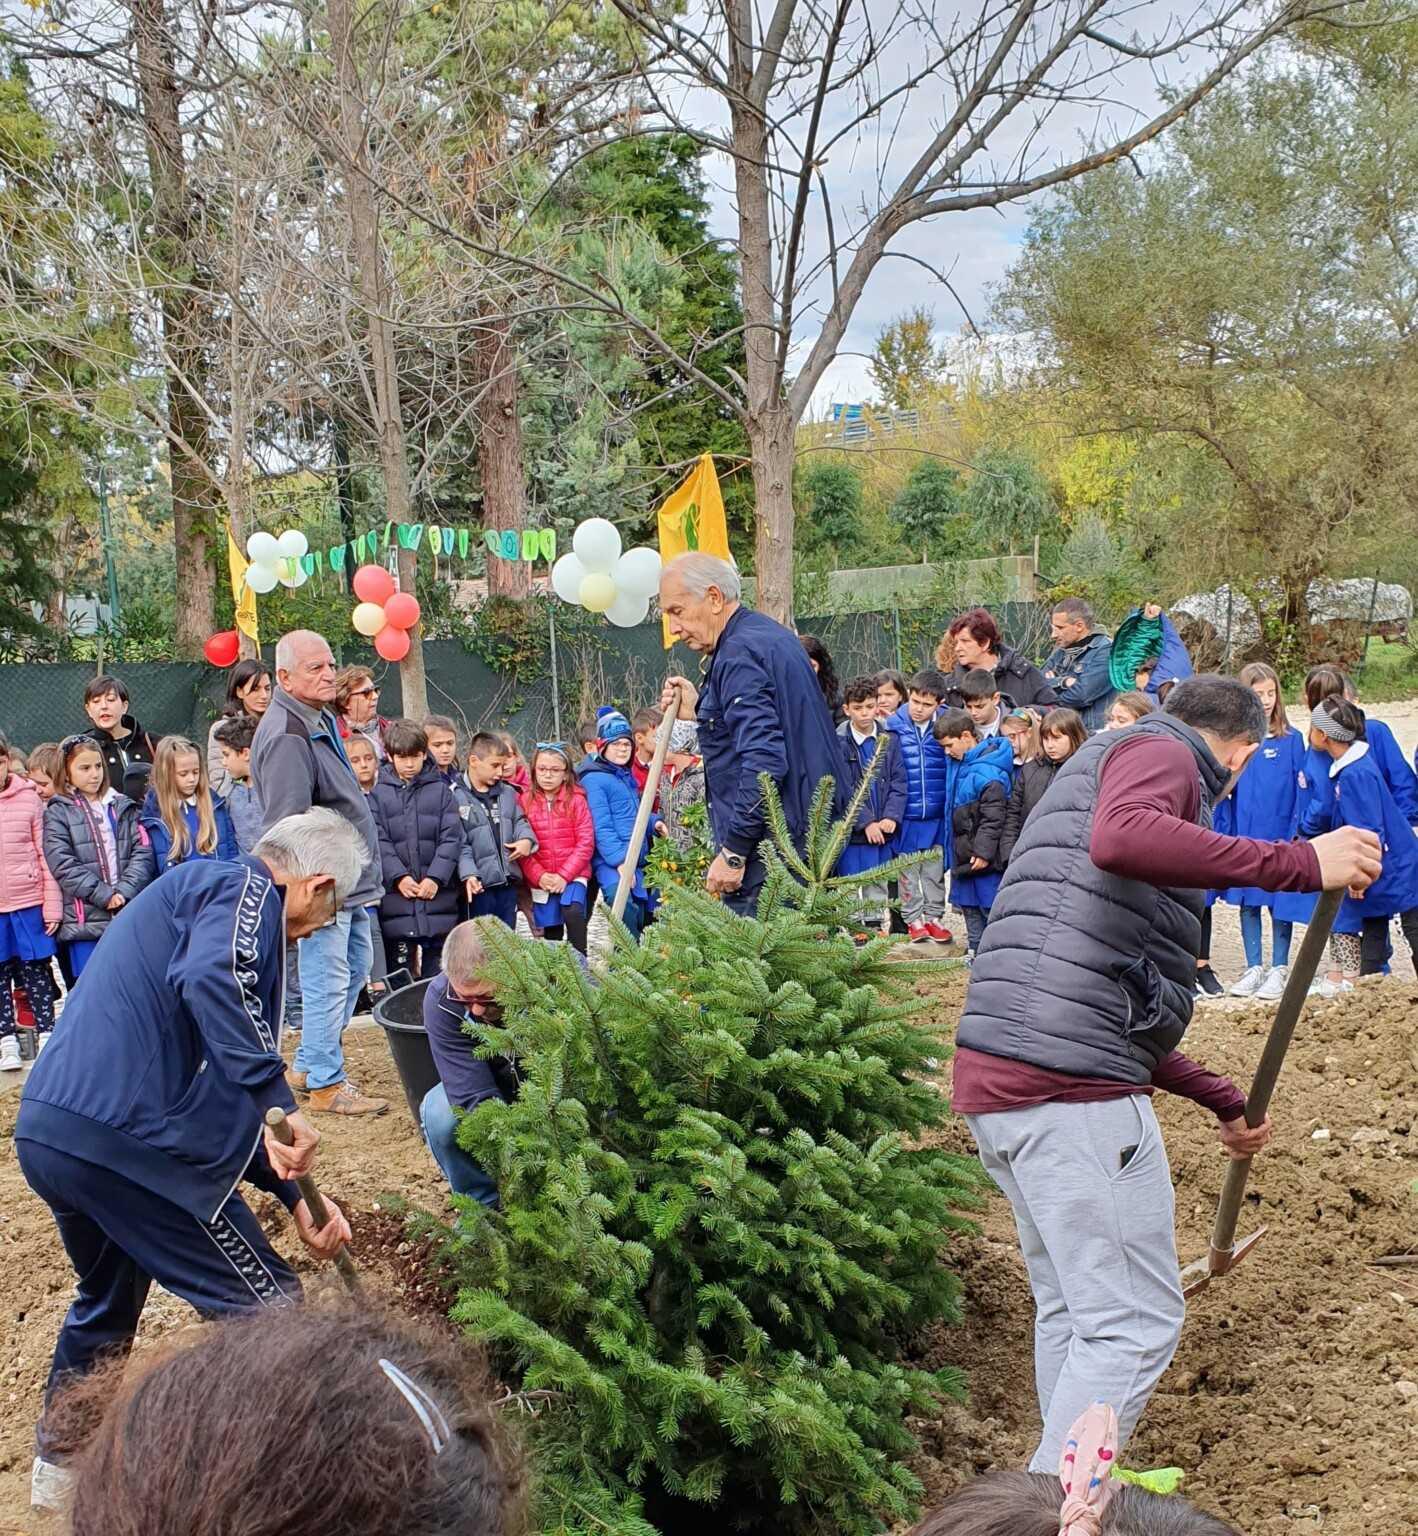 FOTO | Castellalto, festa dell'albero nella scuola primaria di Petriccione: protagonisti indiscussi i piccoli alunni